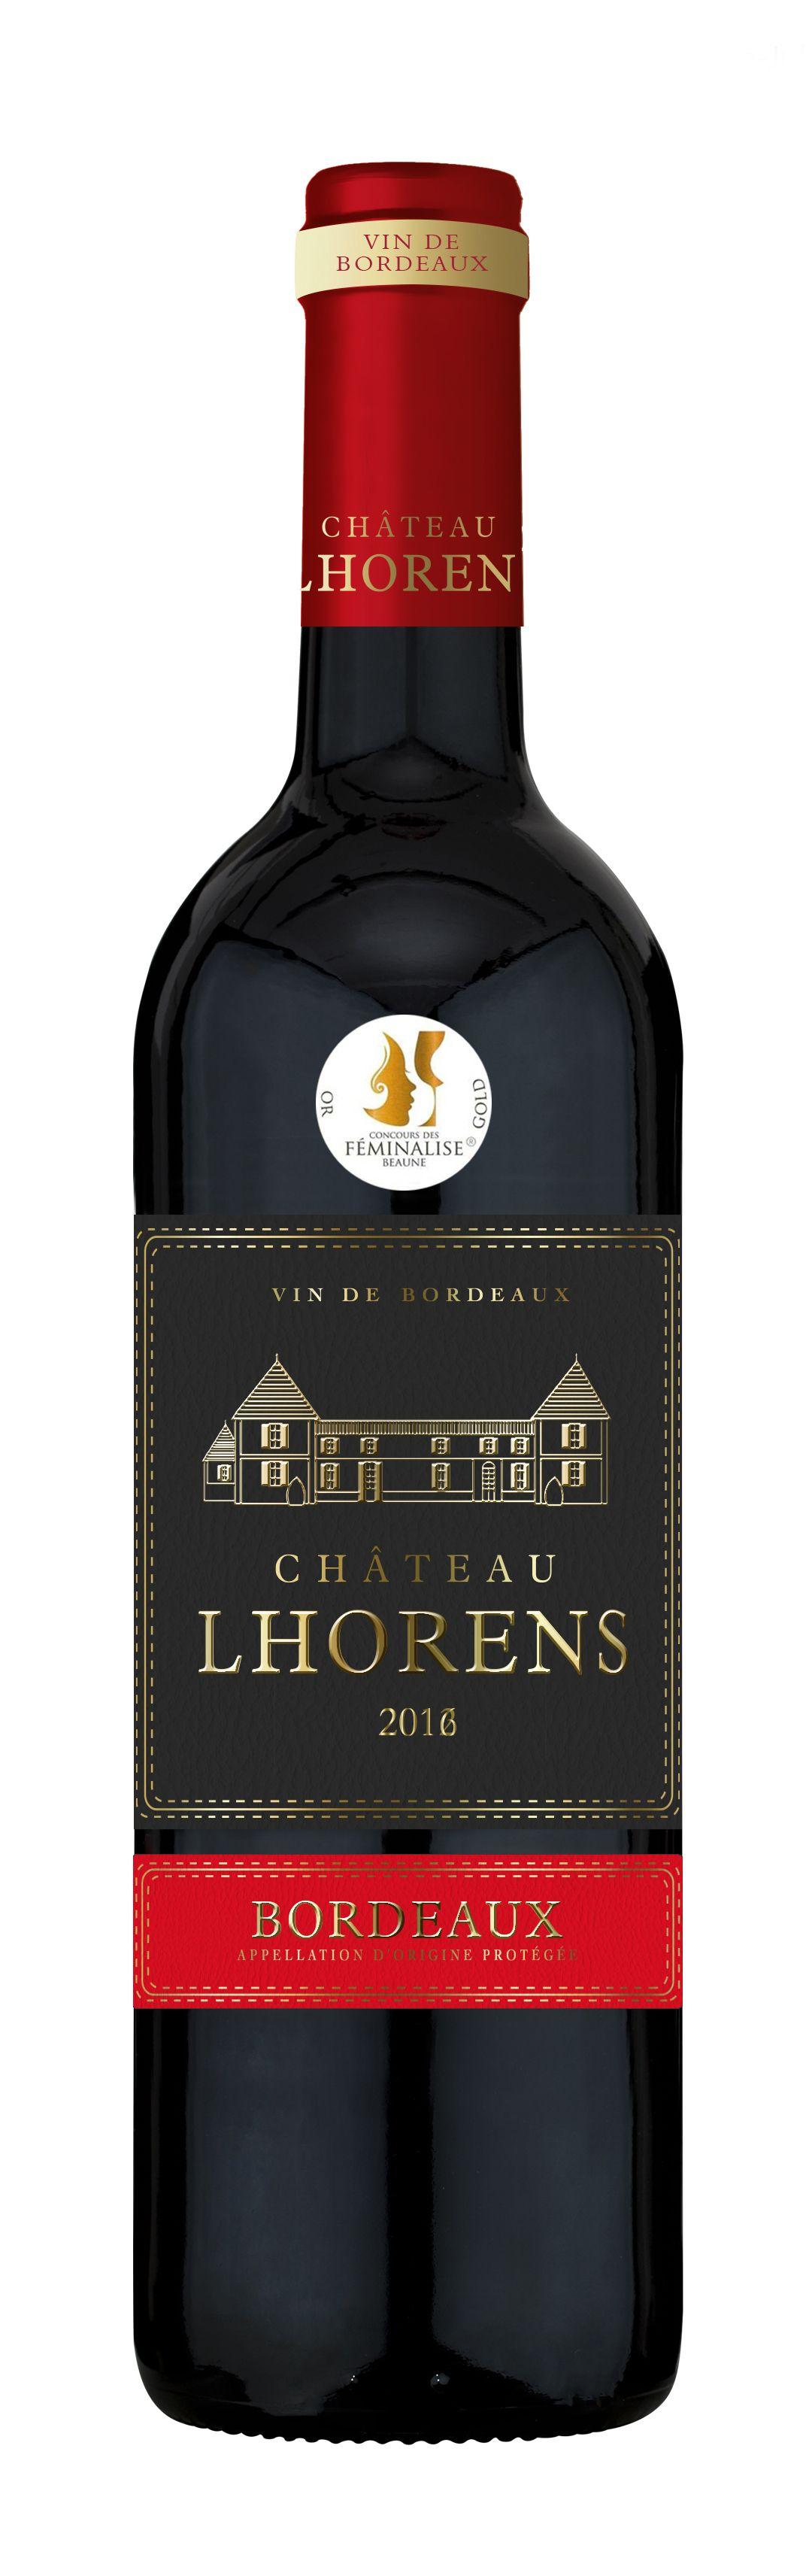 Chateau Lhorens Aop Bordeaux Bordeaux Wines Vin